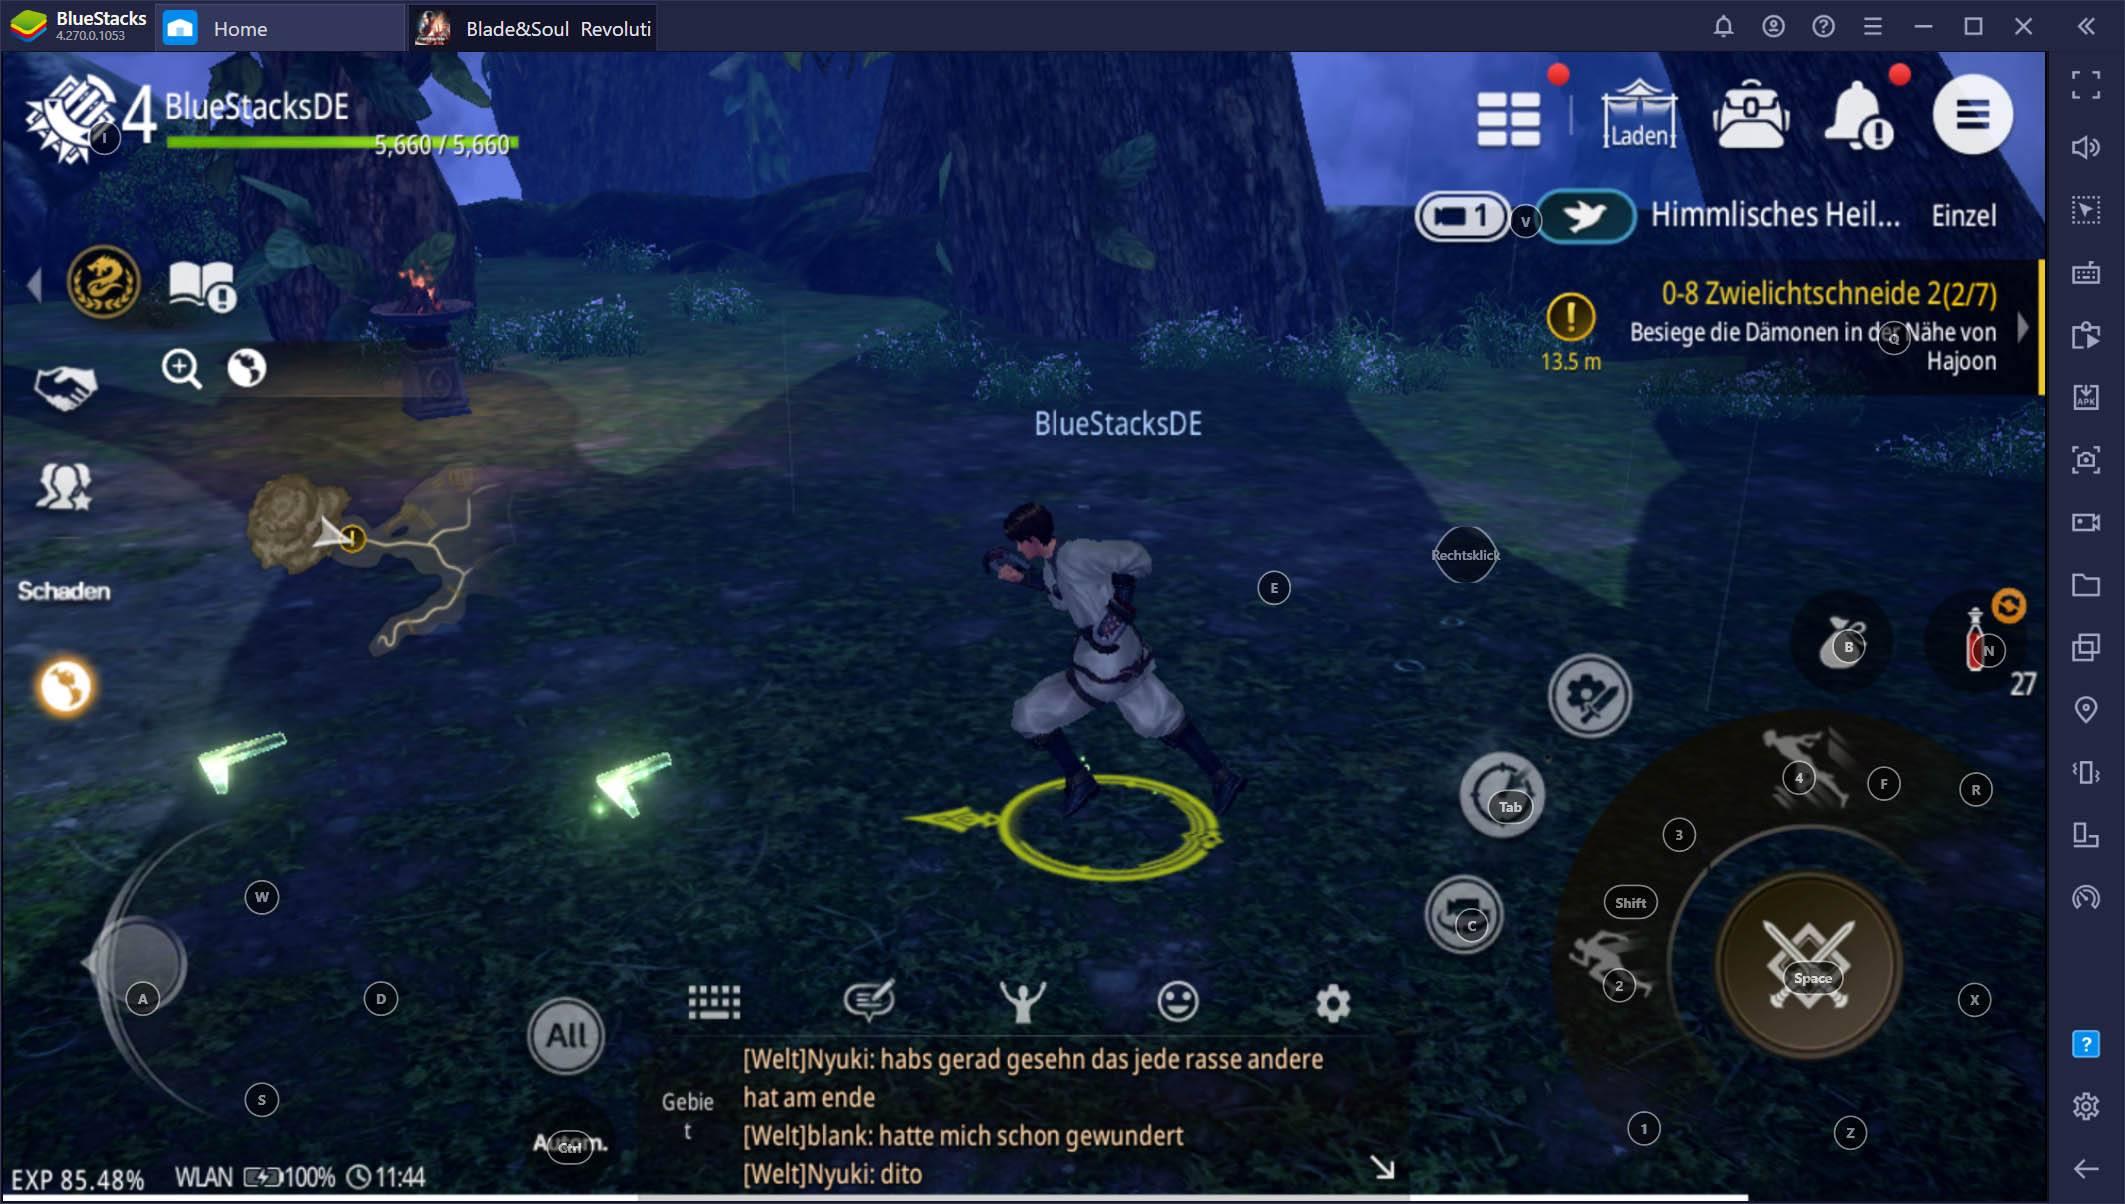 Blade&Soul Revolution auf dem PC – So holst du mit BlueStacks das Beste aus deinem Spiel heraus